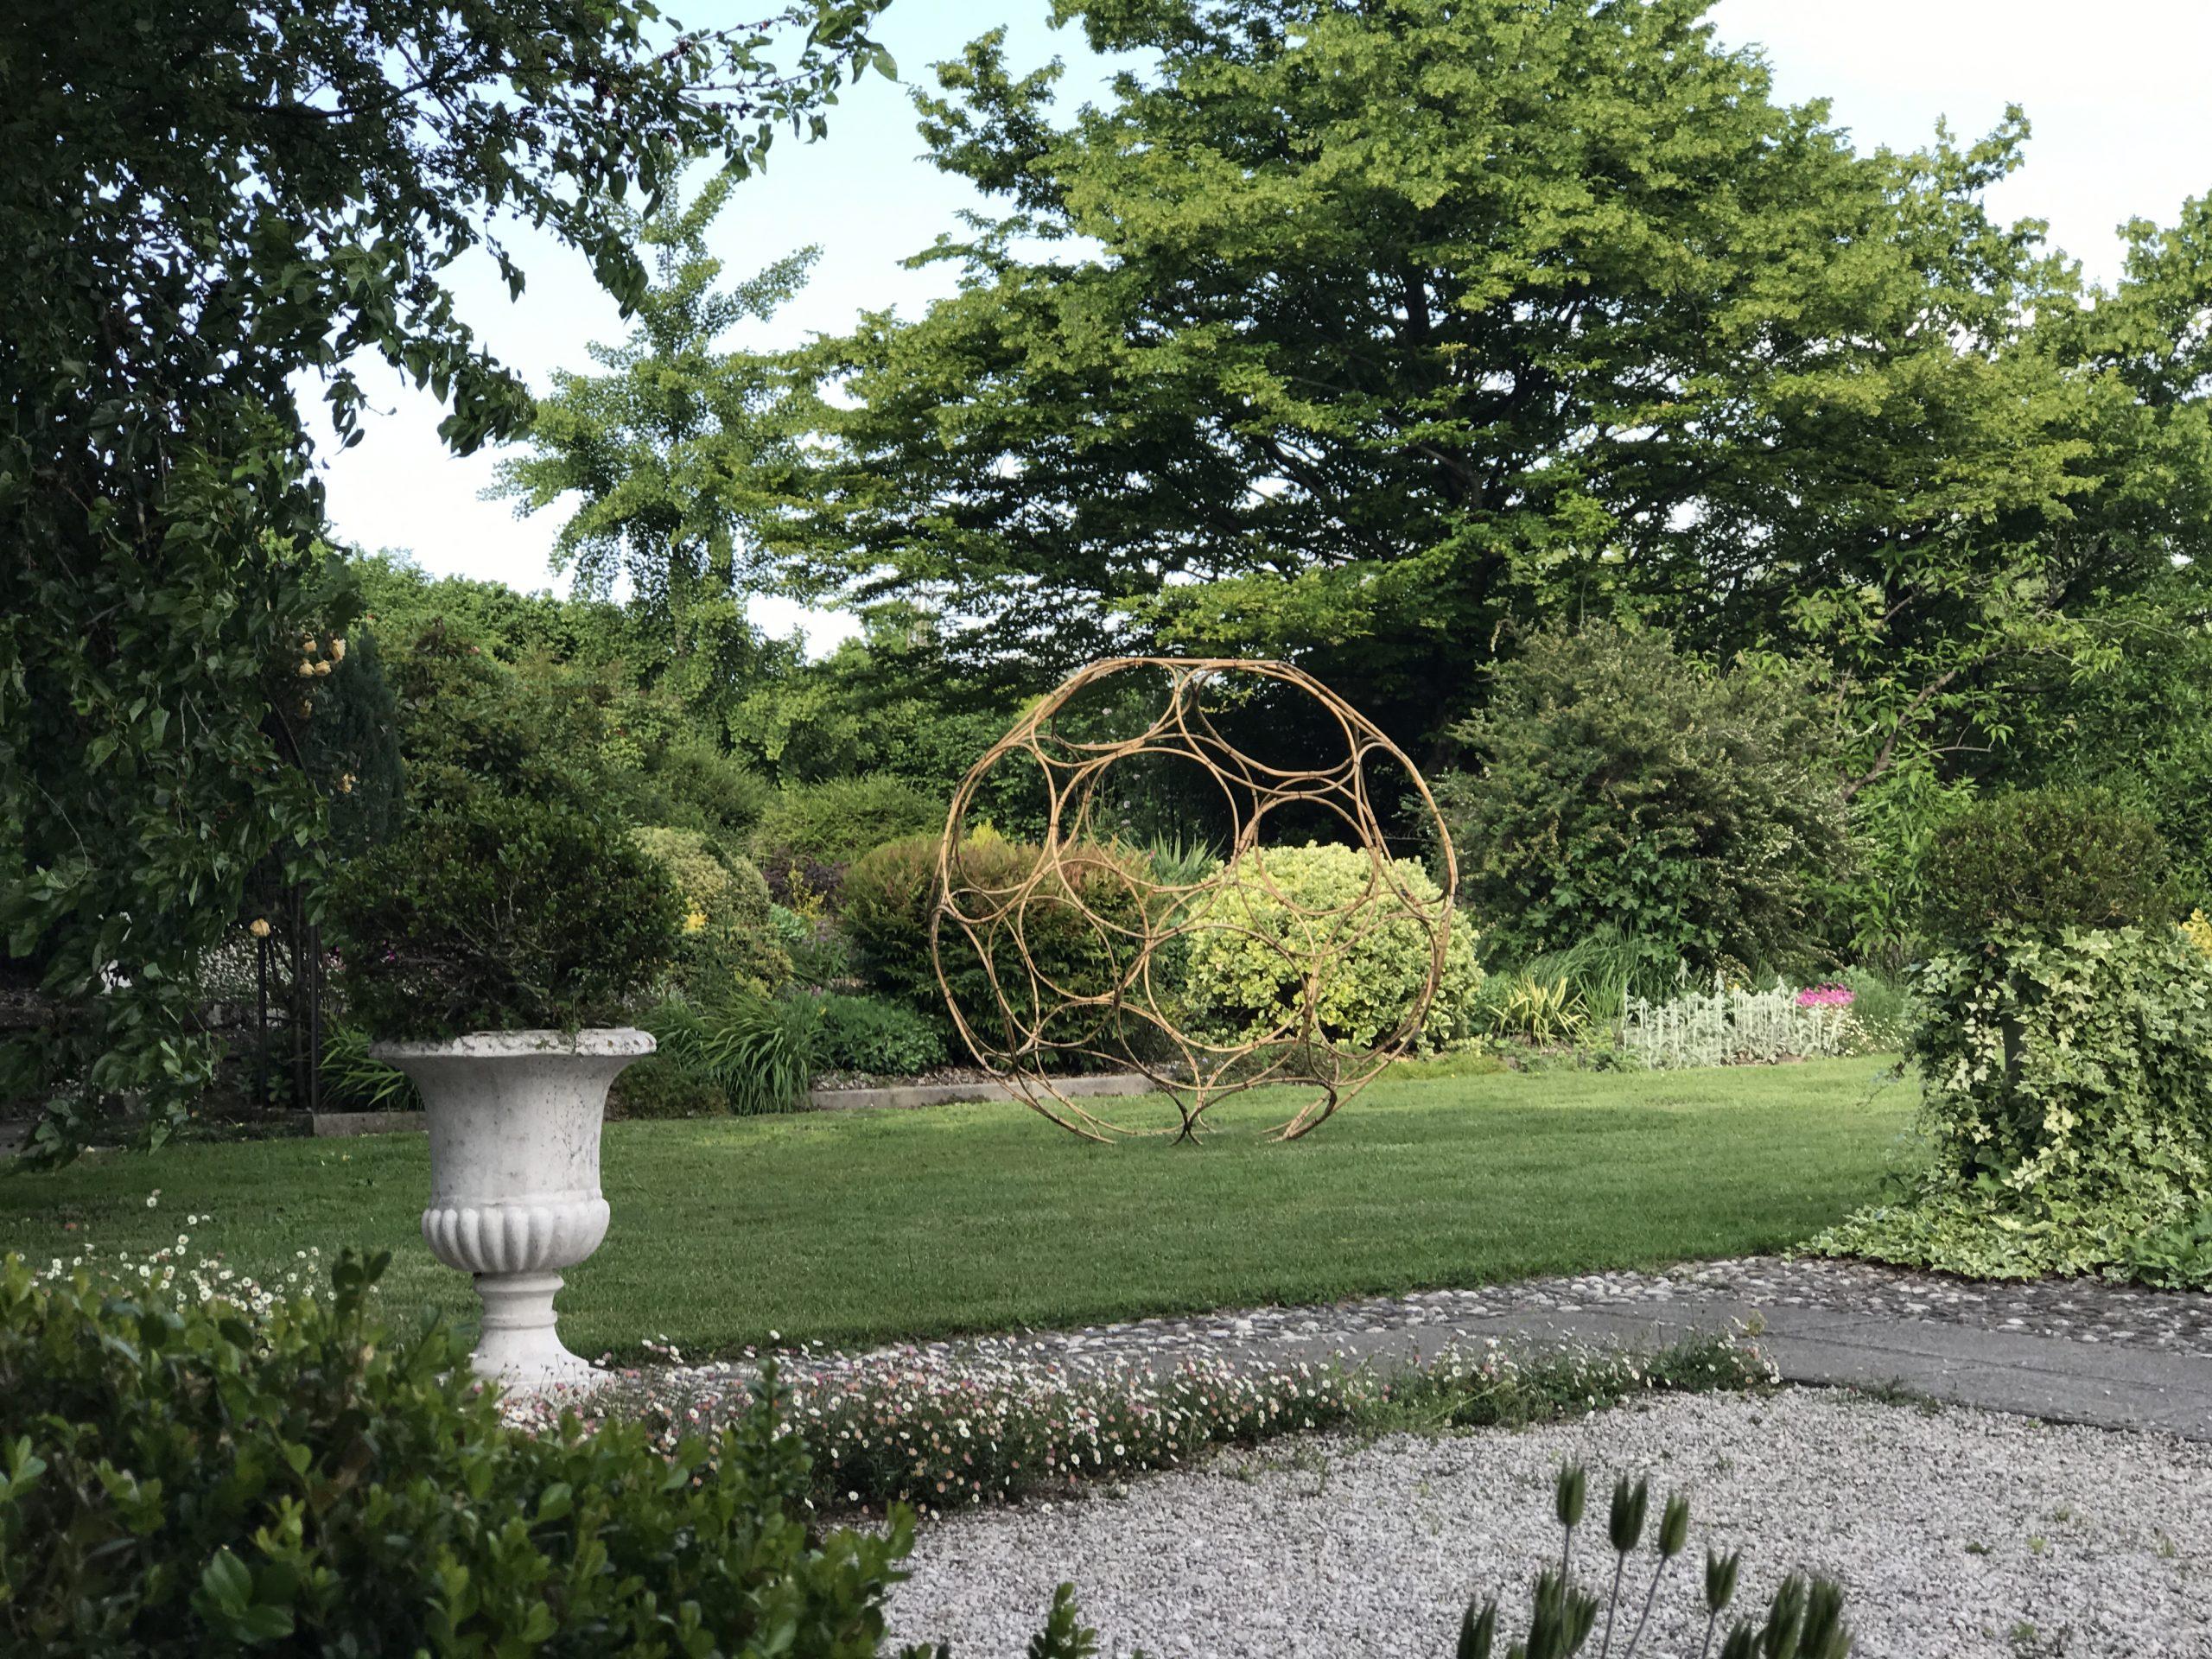 Il giardino di Esta, intimo e baciato dal sole